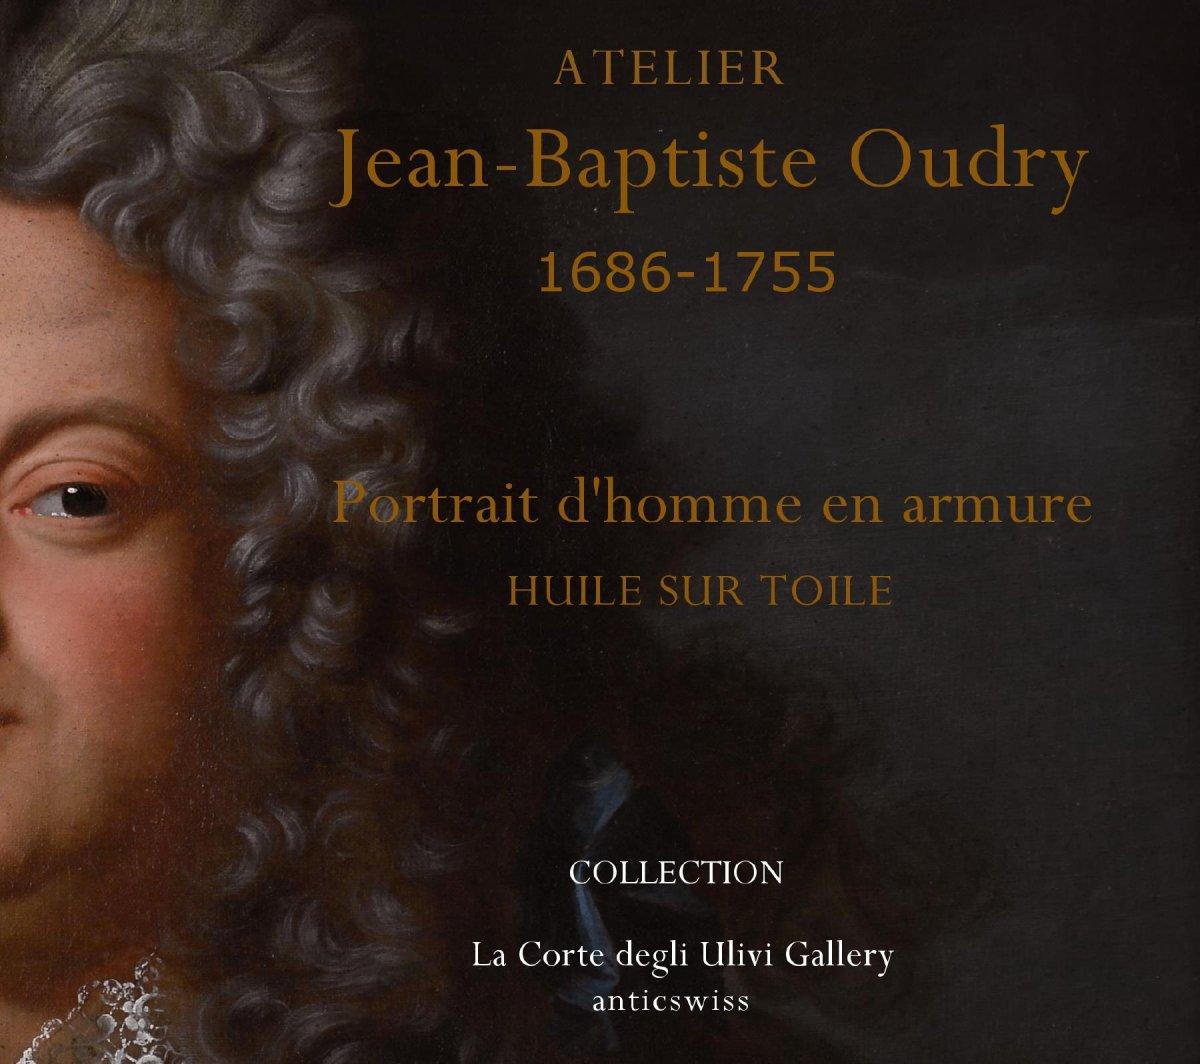 Portrait d'Un Noble En Armure, Atelier De Jean-baptiste Oudry 1686-1755 -photo-1